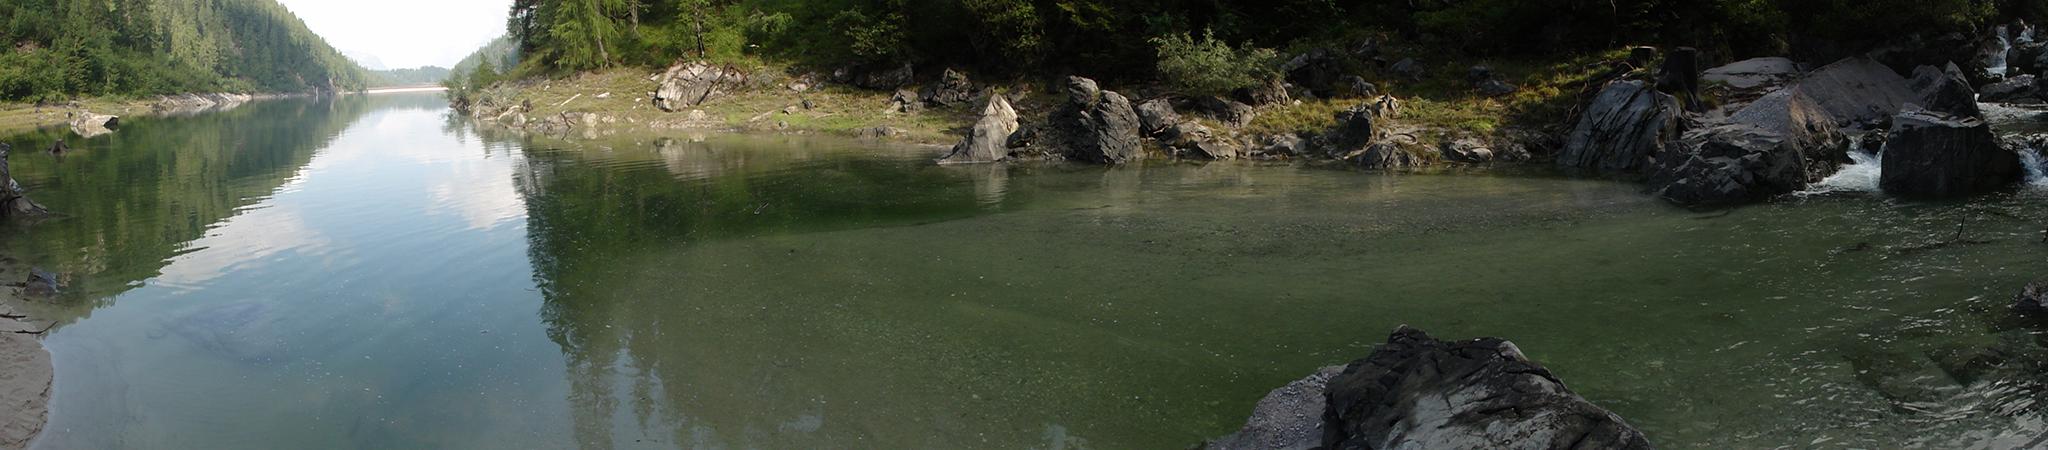 Arnoweg: Die Flussmündung am Dießbachstausee